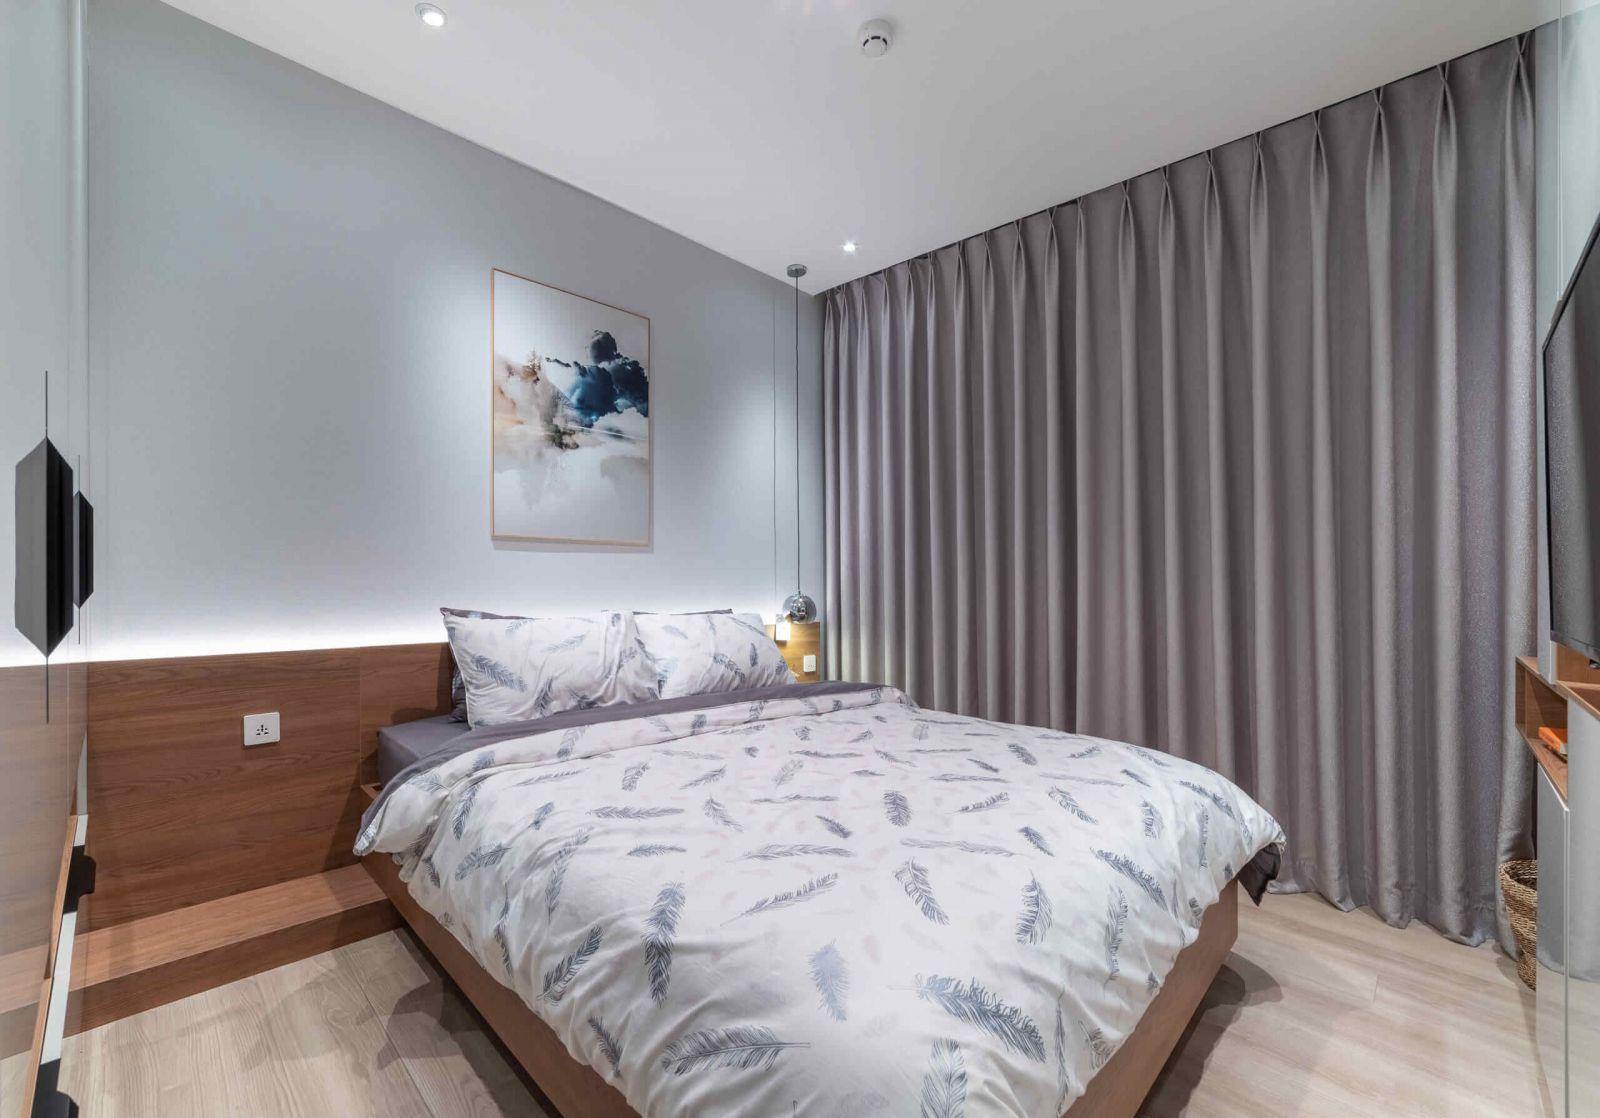 Phòng Ngủ Đẹp Giá Rẻ Tp.Hcm